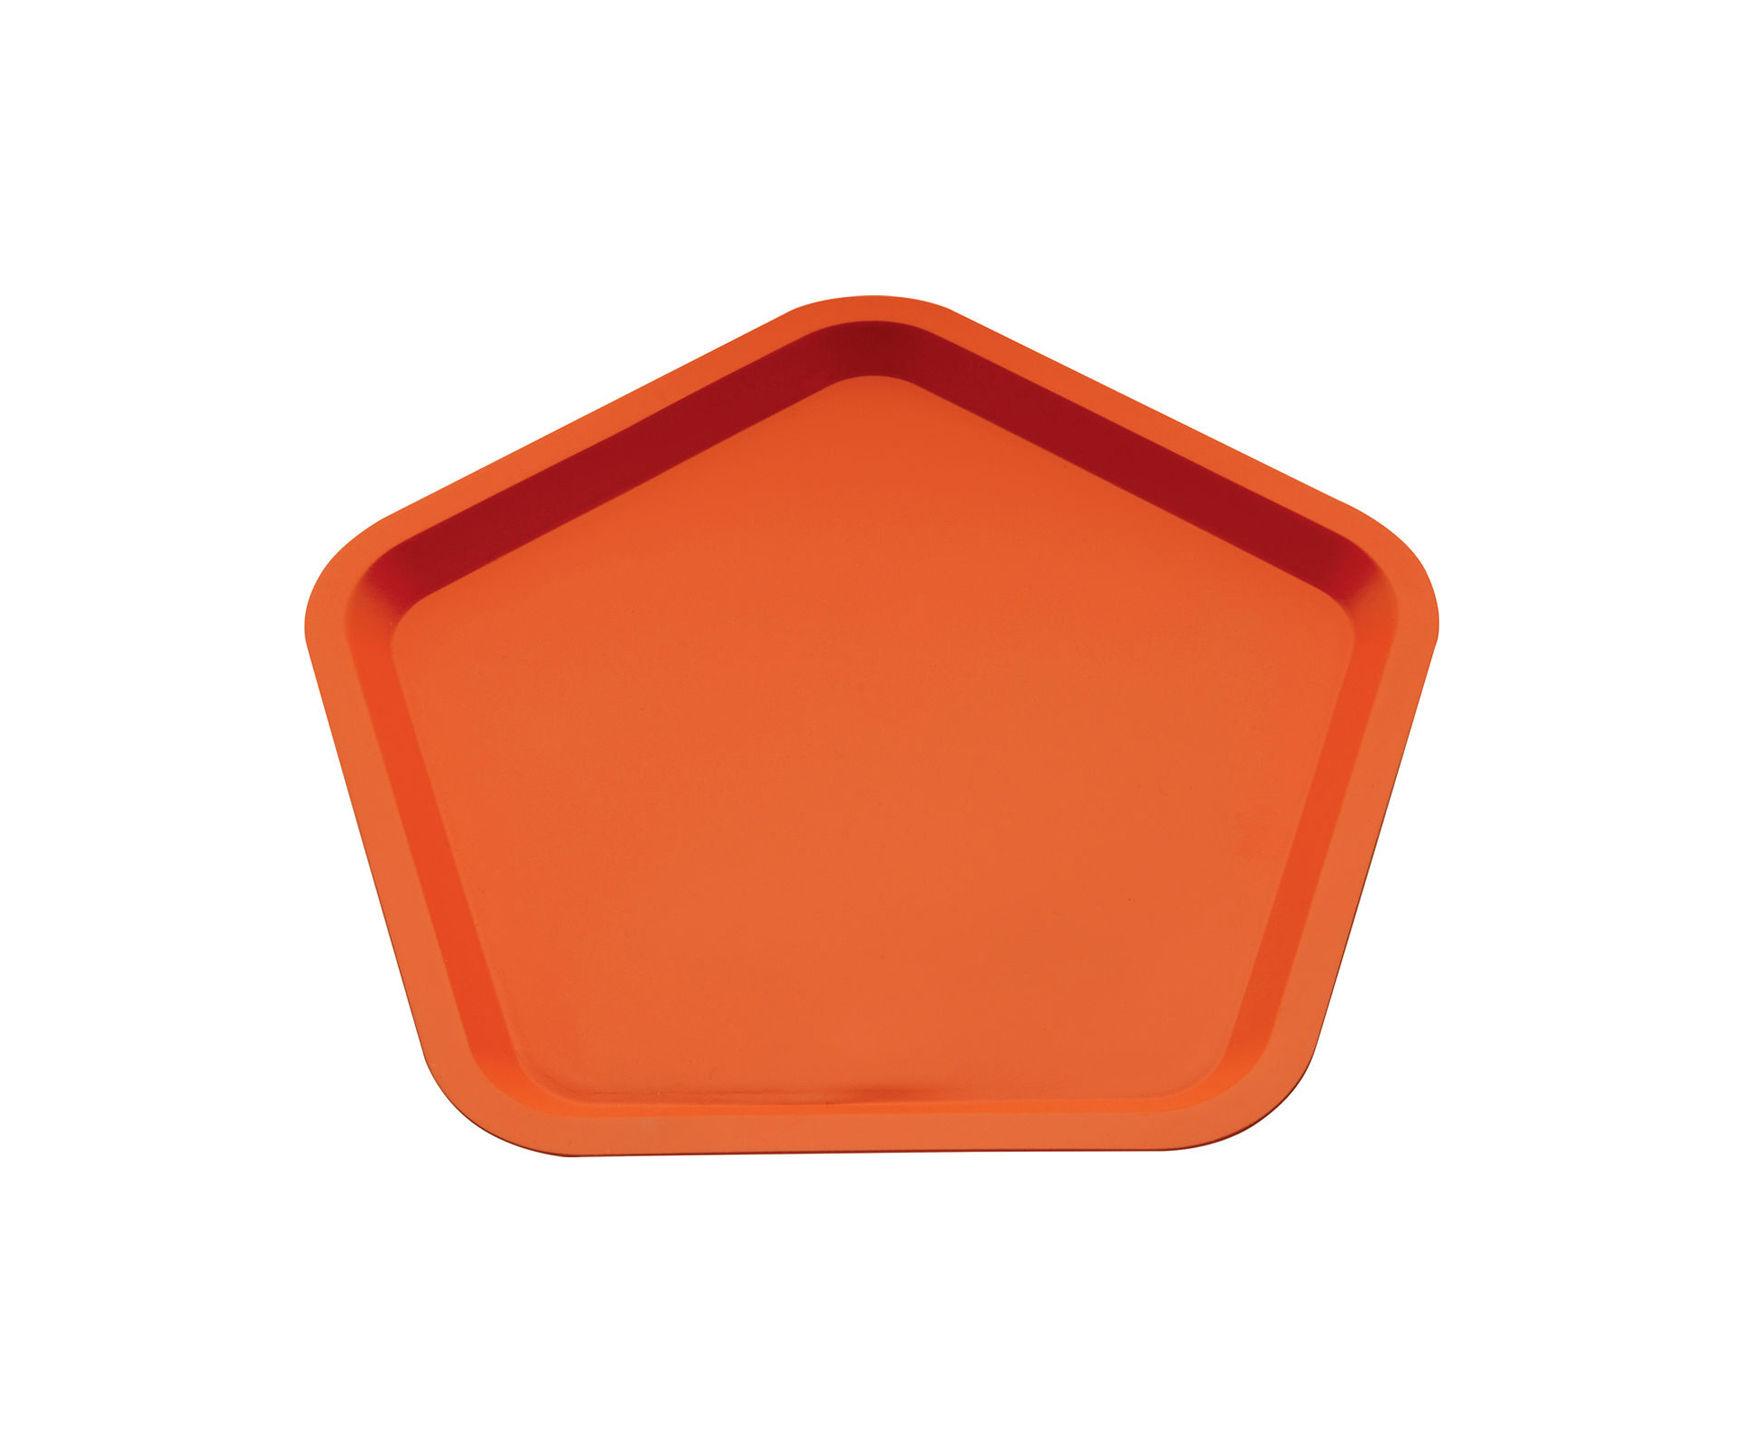 Tavola - Vassoi  - Piano/vassoio Territoire intime - / 36 x 35 cm di Alessi - Arancione terracotta - Acciaio inossidabile con colorazione resina epossidica